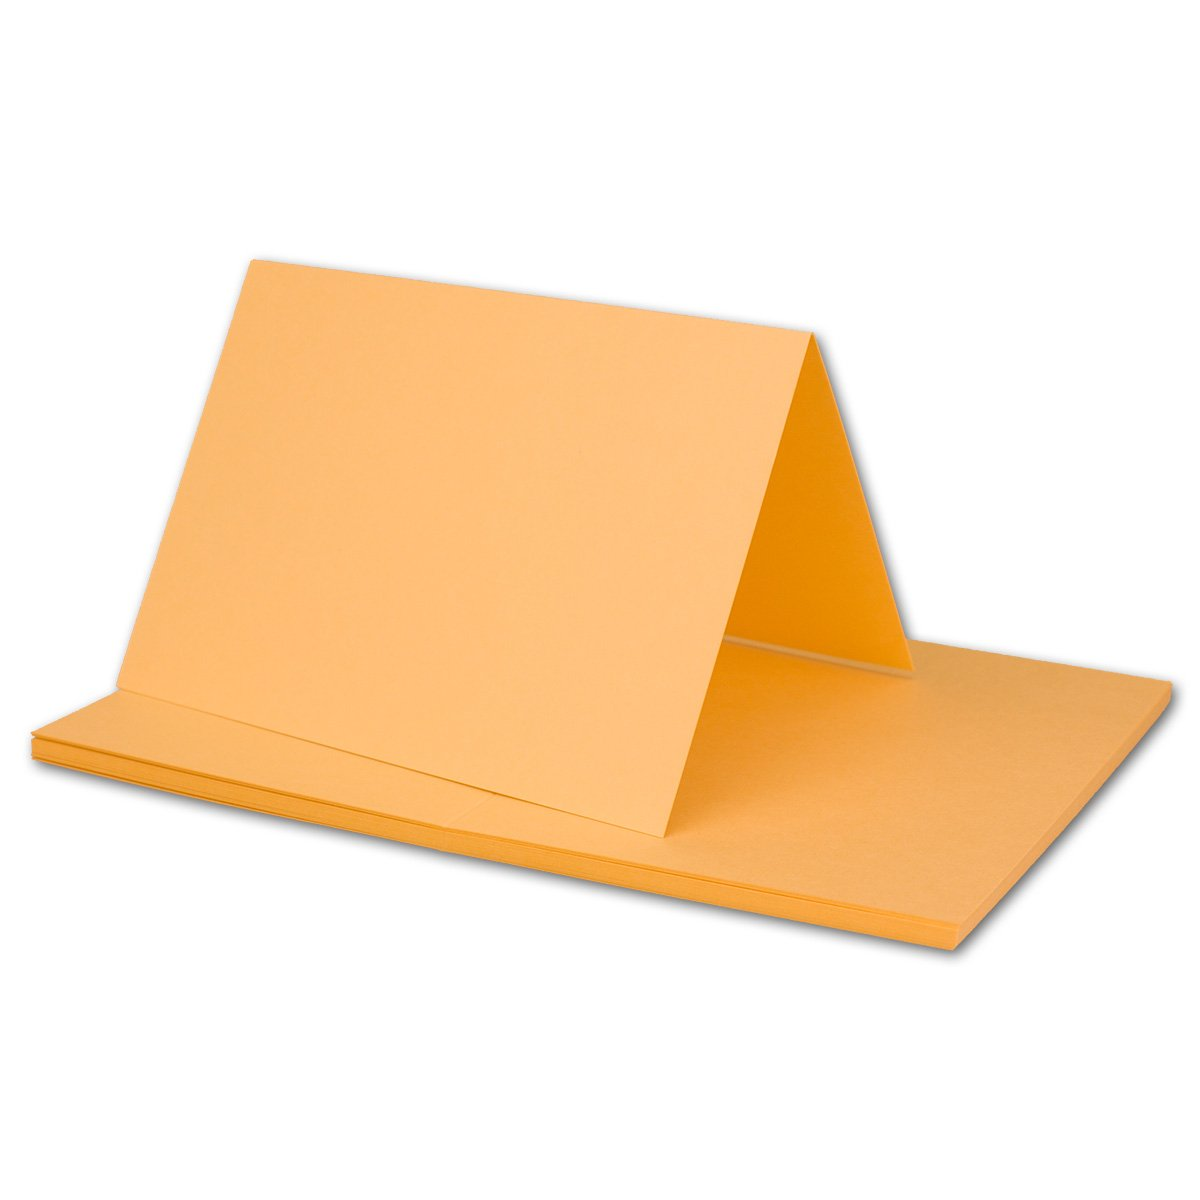 250x Falt-Karten DIN A6 Blanko Doppel-Karten in Hochweiß Kristallweiß -10,5 x 14,8 cm   Premium Qualität   FarbenFroh® B079X25G28 | Erlesene Materialien